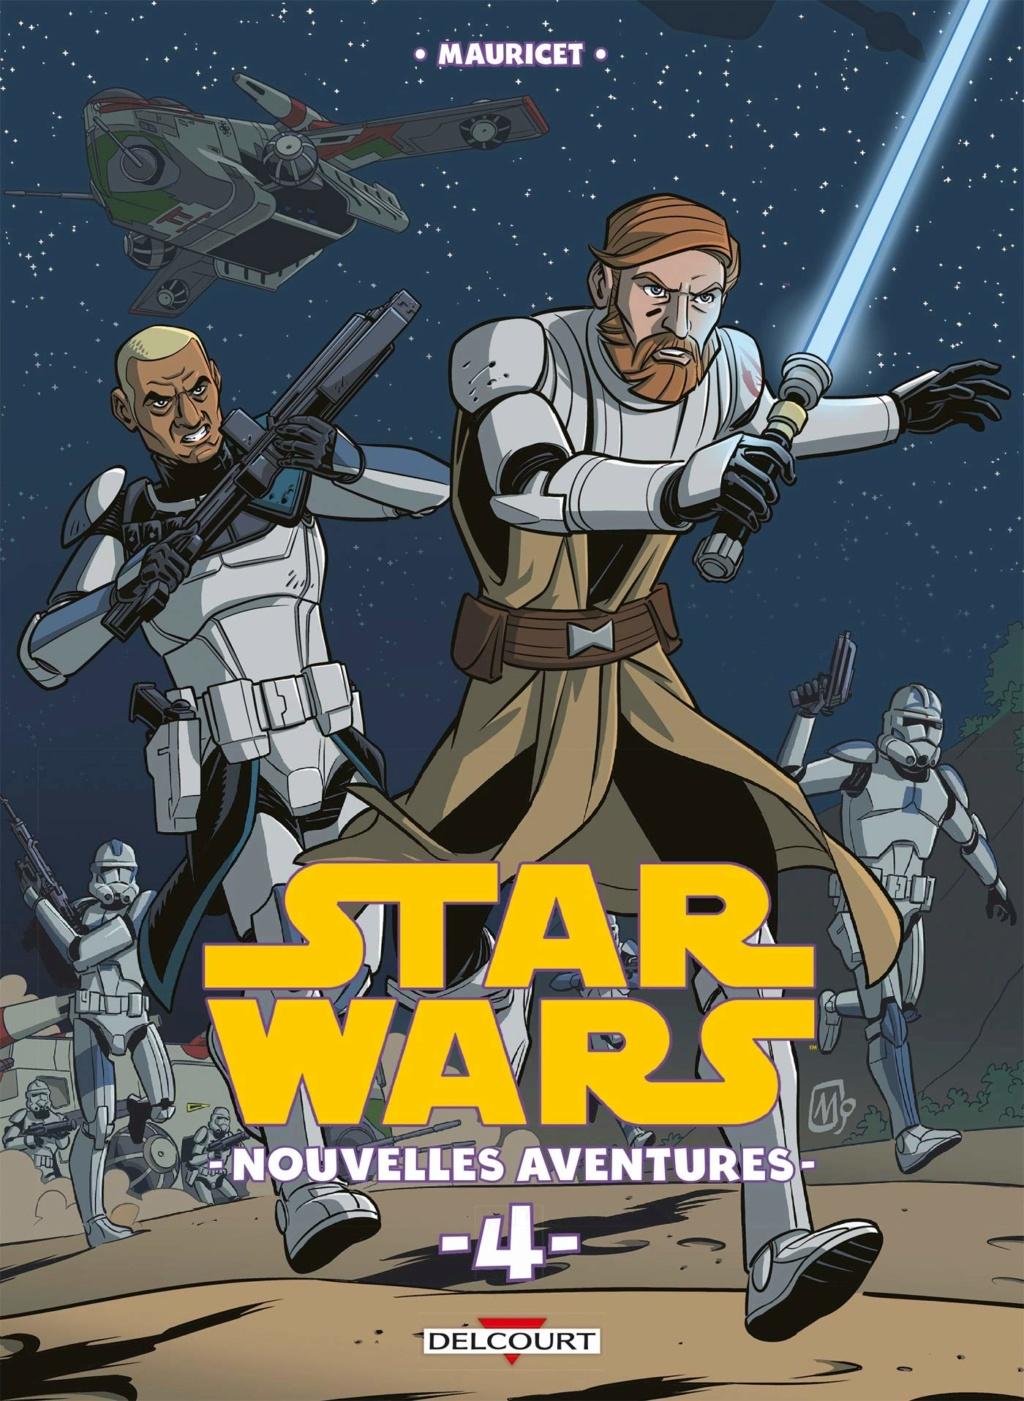 Star Wars Nouvelles Aventures Tome 04 - DELCOURT Sw_nou14